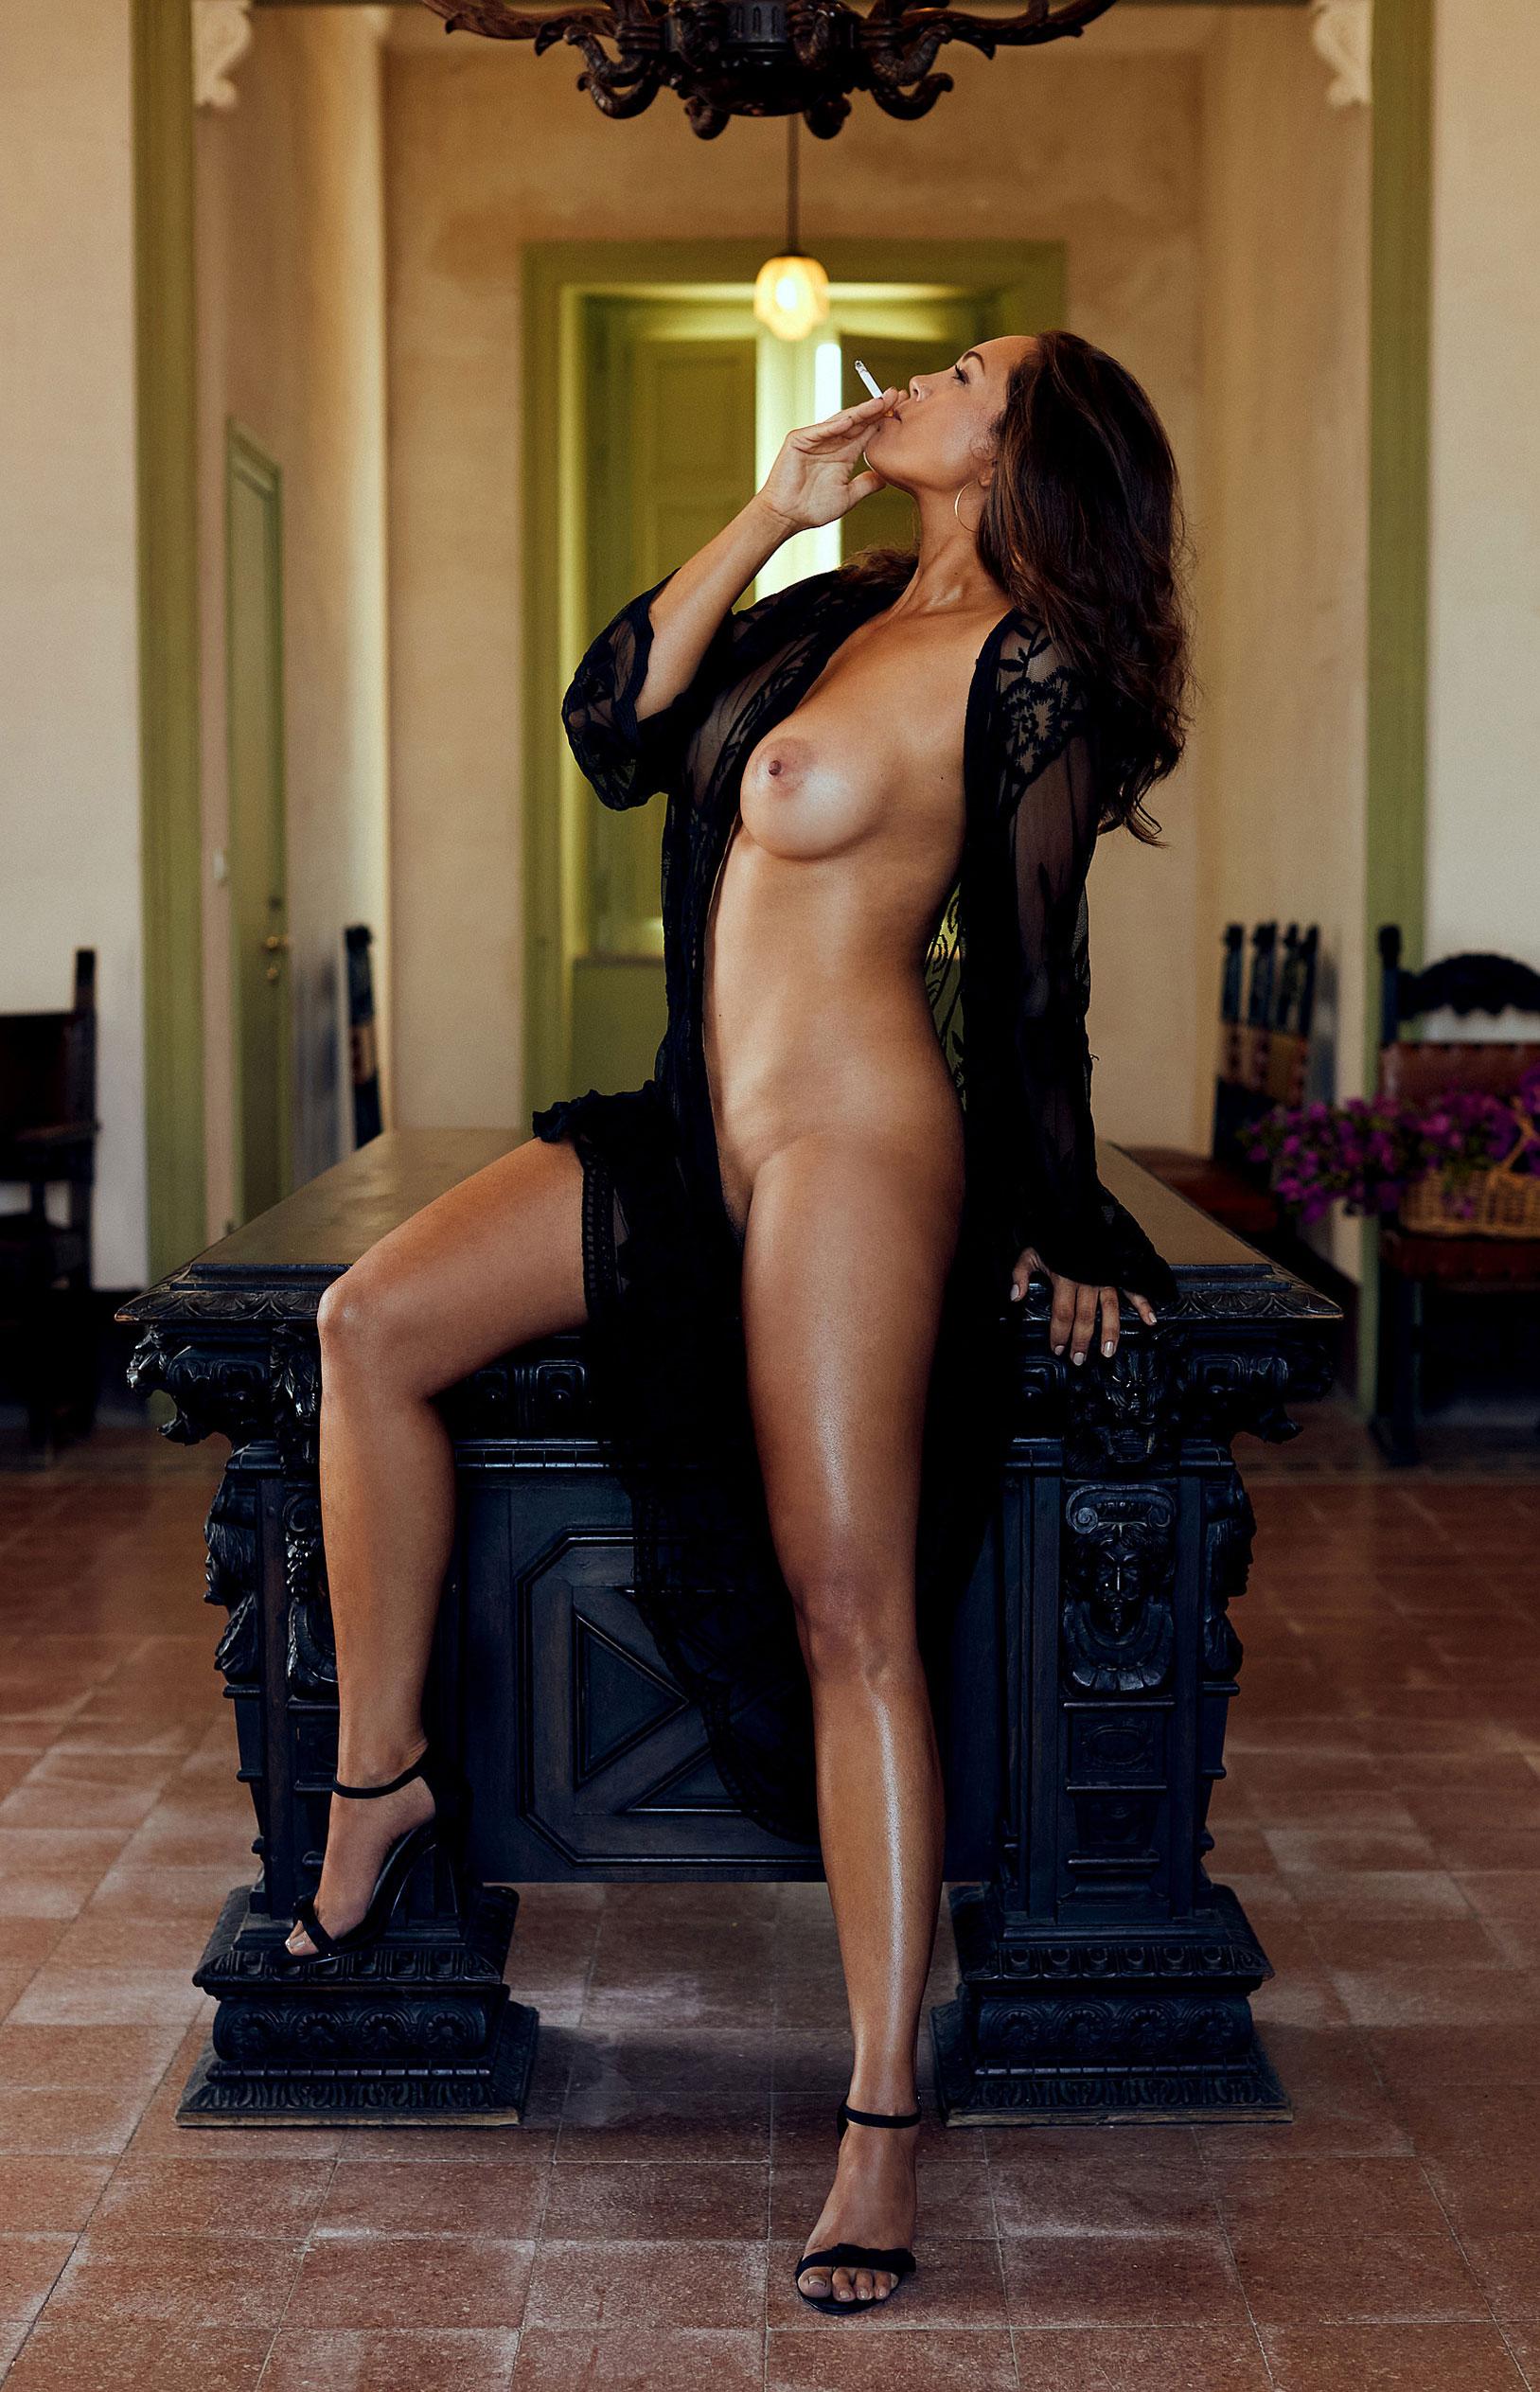 актриса Инес Кверманн - звезда немецкого Playboy в июне 2020-го / фото 02